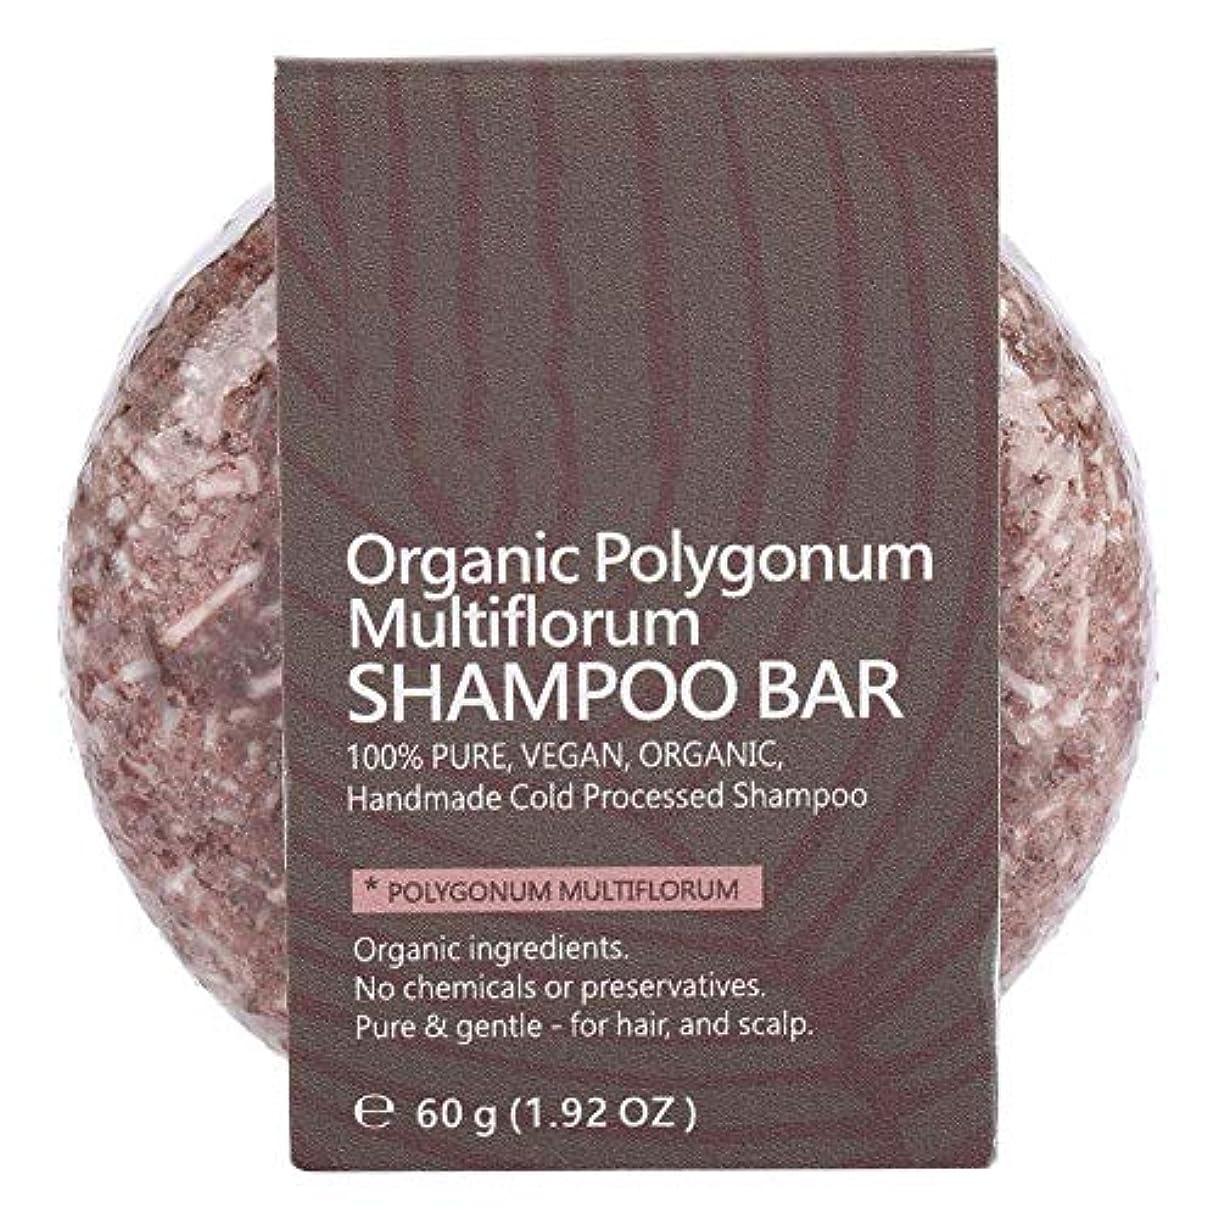 ポルノ未接続ミルクシャンプーバーヘアコンディショナーナチュラル植物エキスエッセンシャルオイルヘアシャンプーソープナイトシャンプーヘアトリートメント (ポリゴンム)